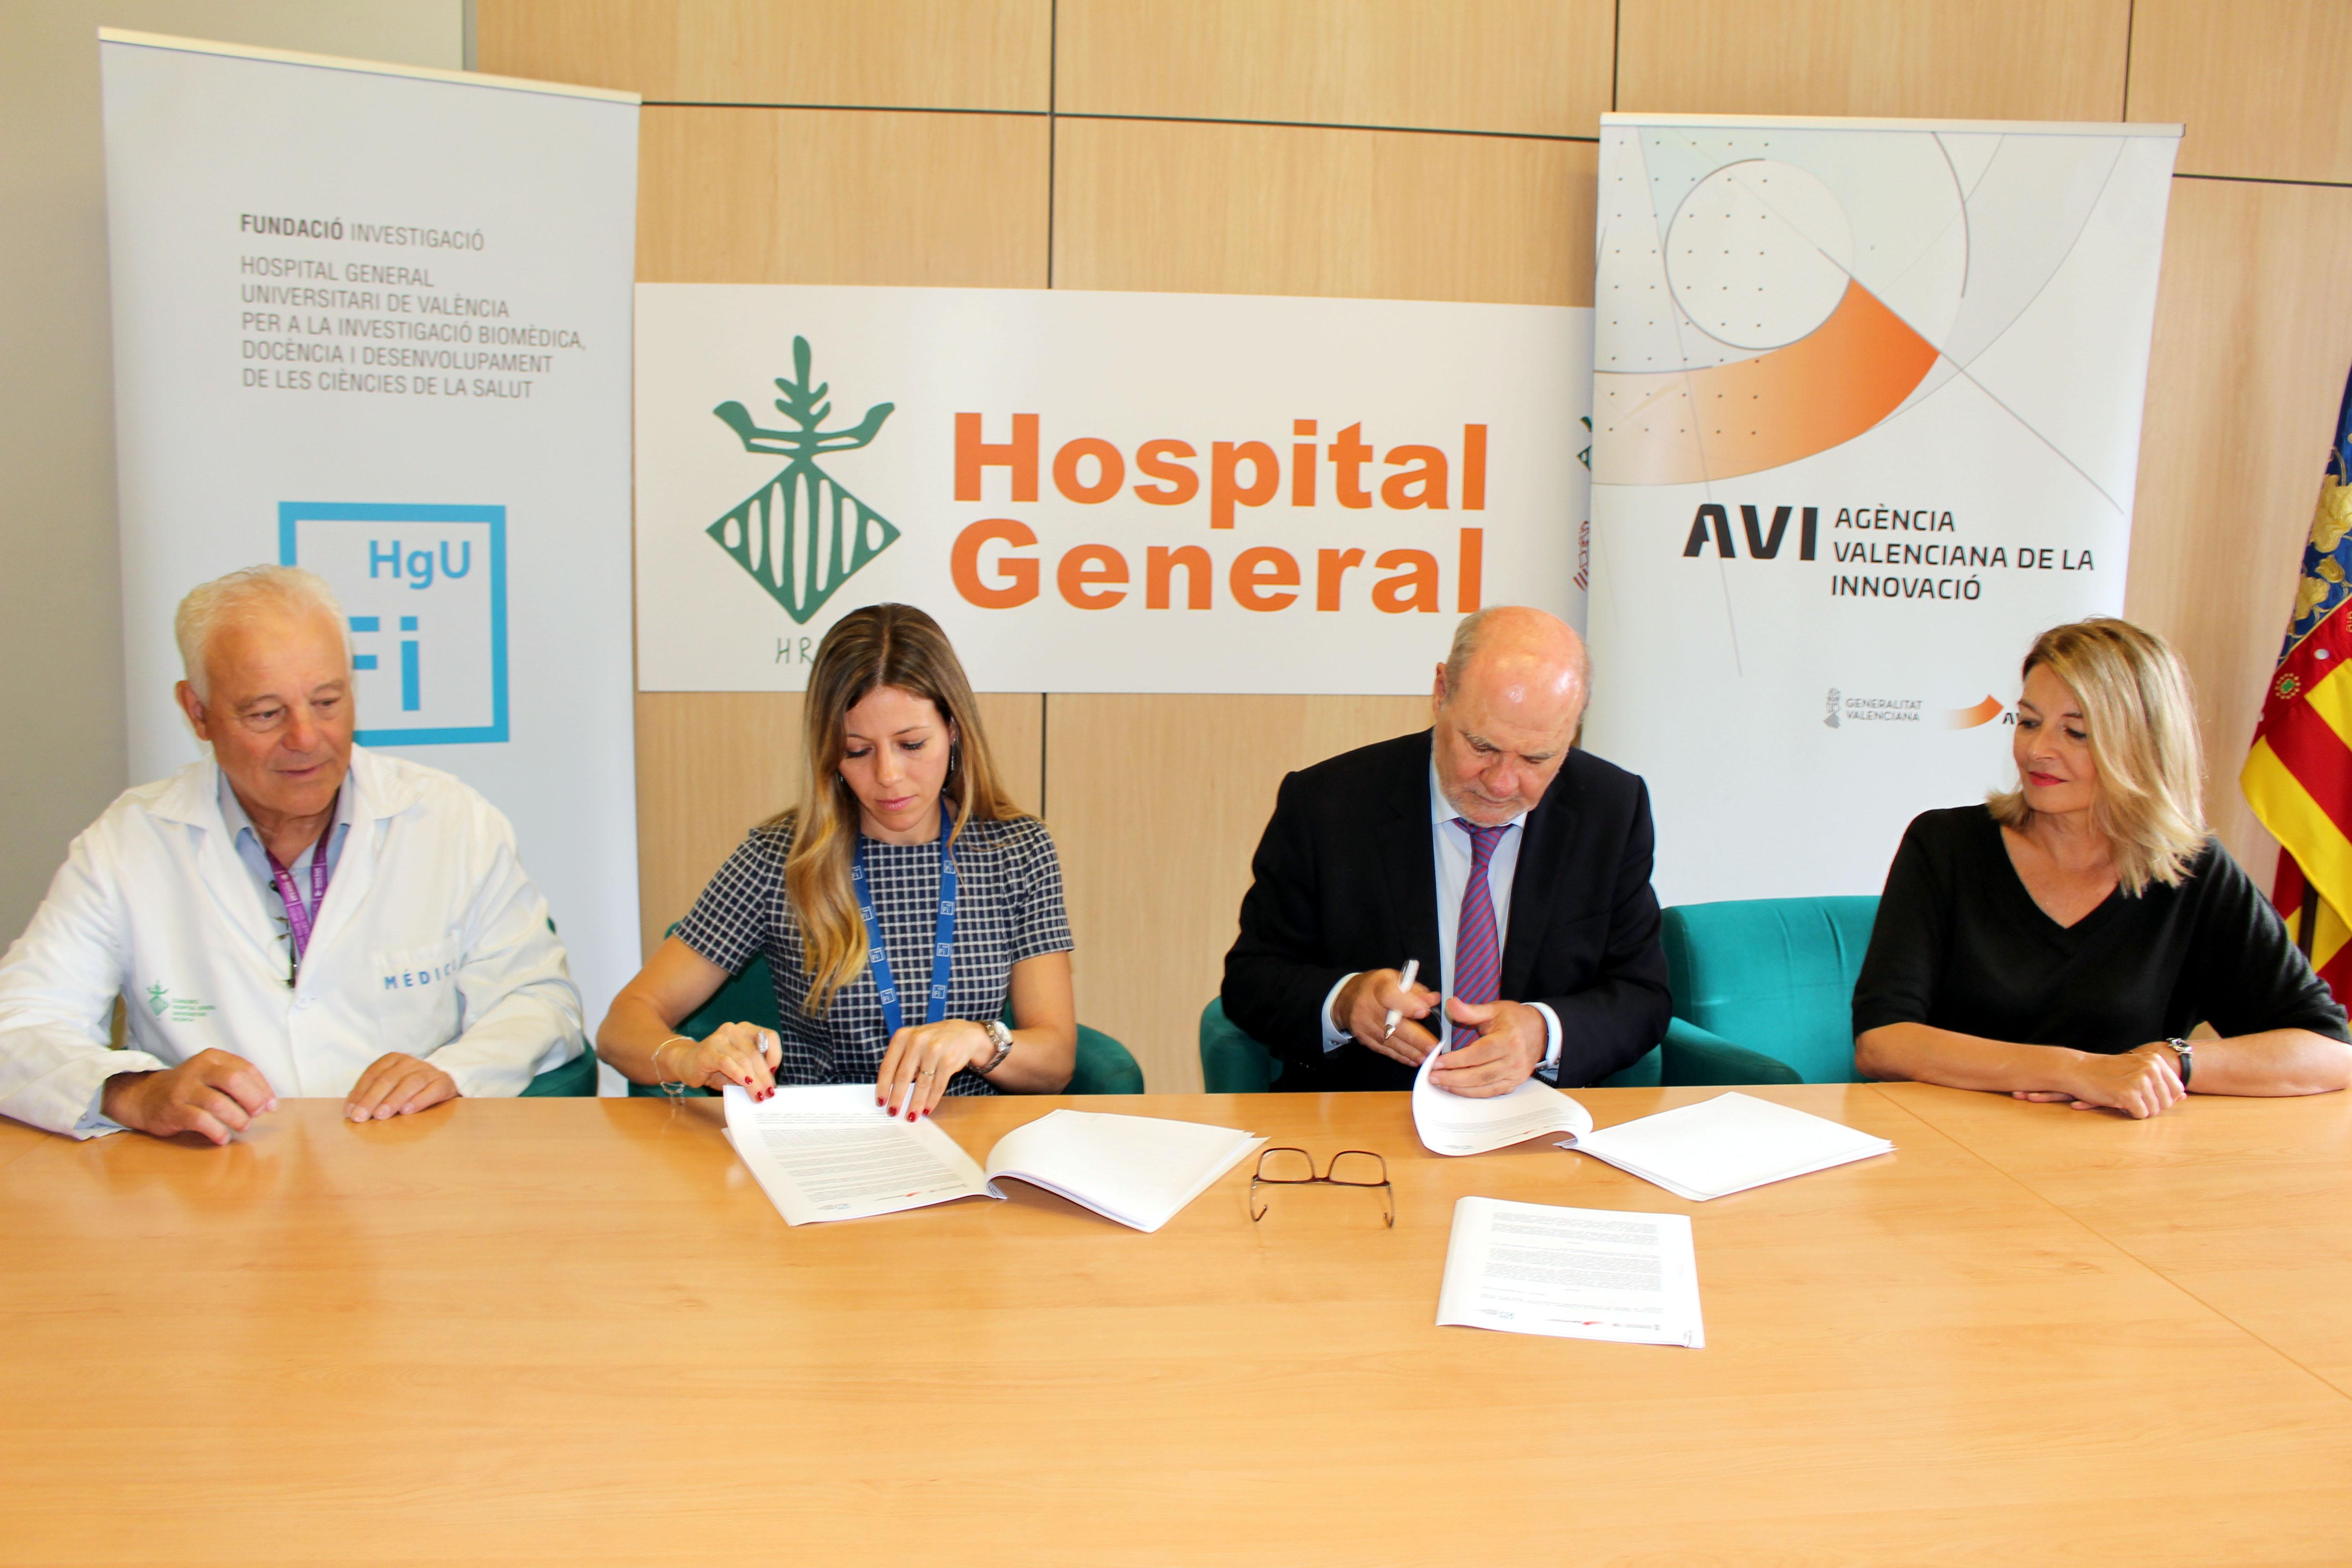 La AVI financia el desarrollo de un robot auxiliar y un simulador de telecirugía robótica 3D para el Hospital General Universitario de València